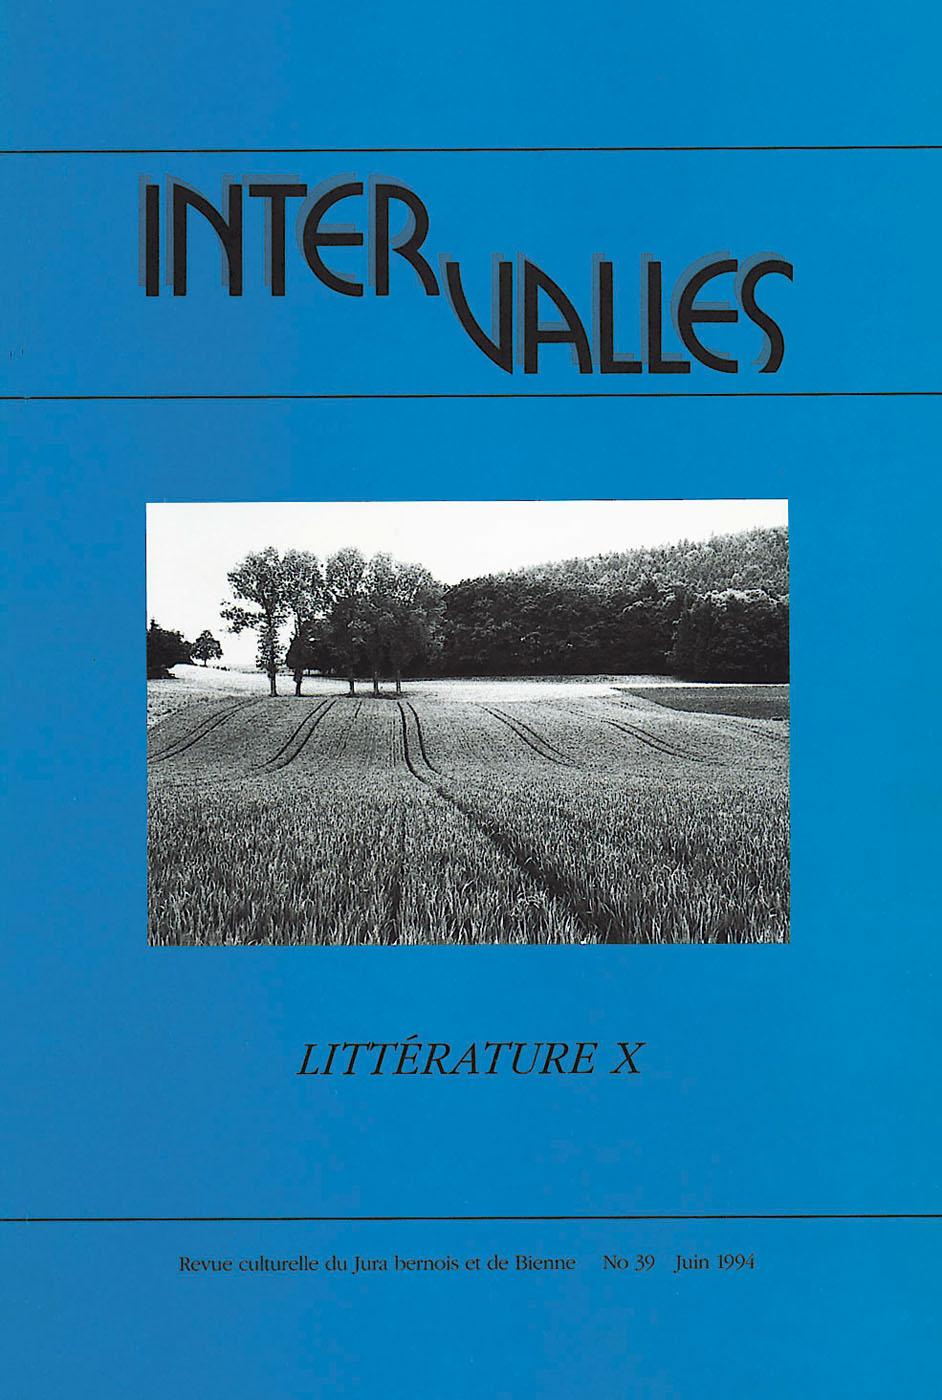 No 39 – Littérature X